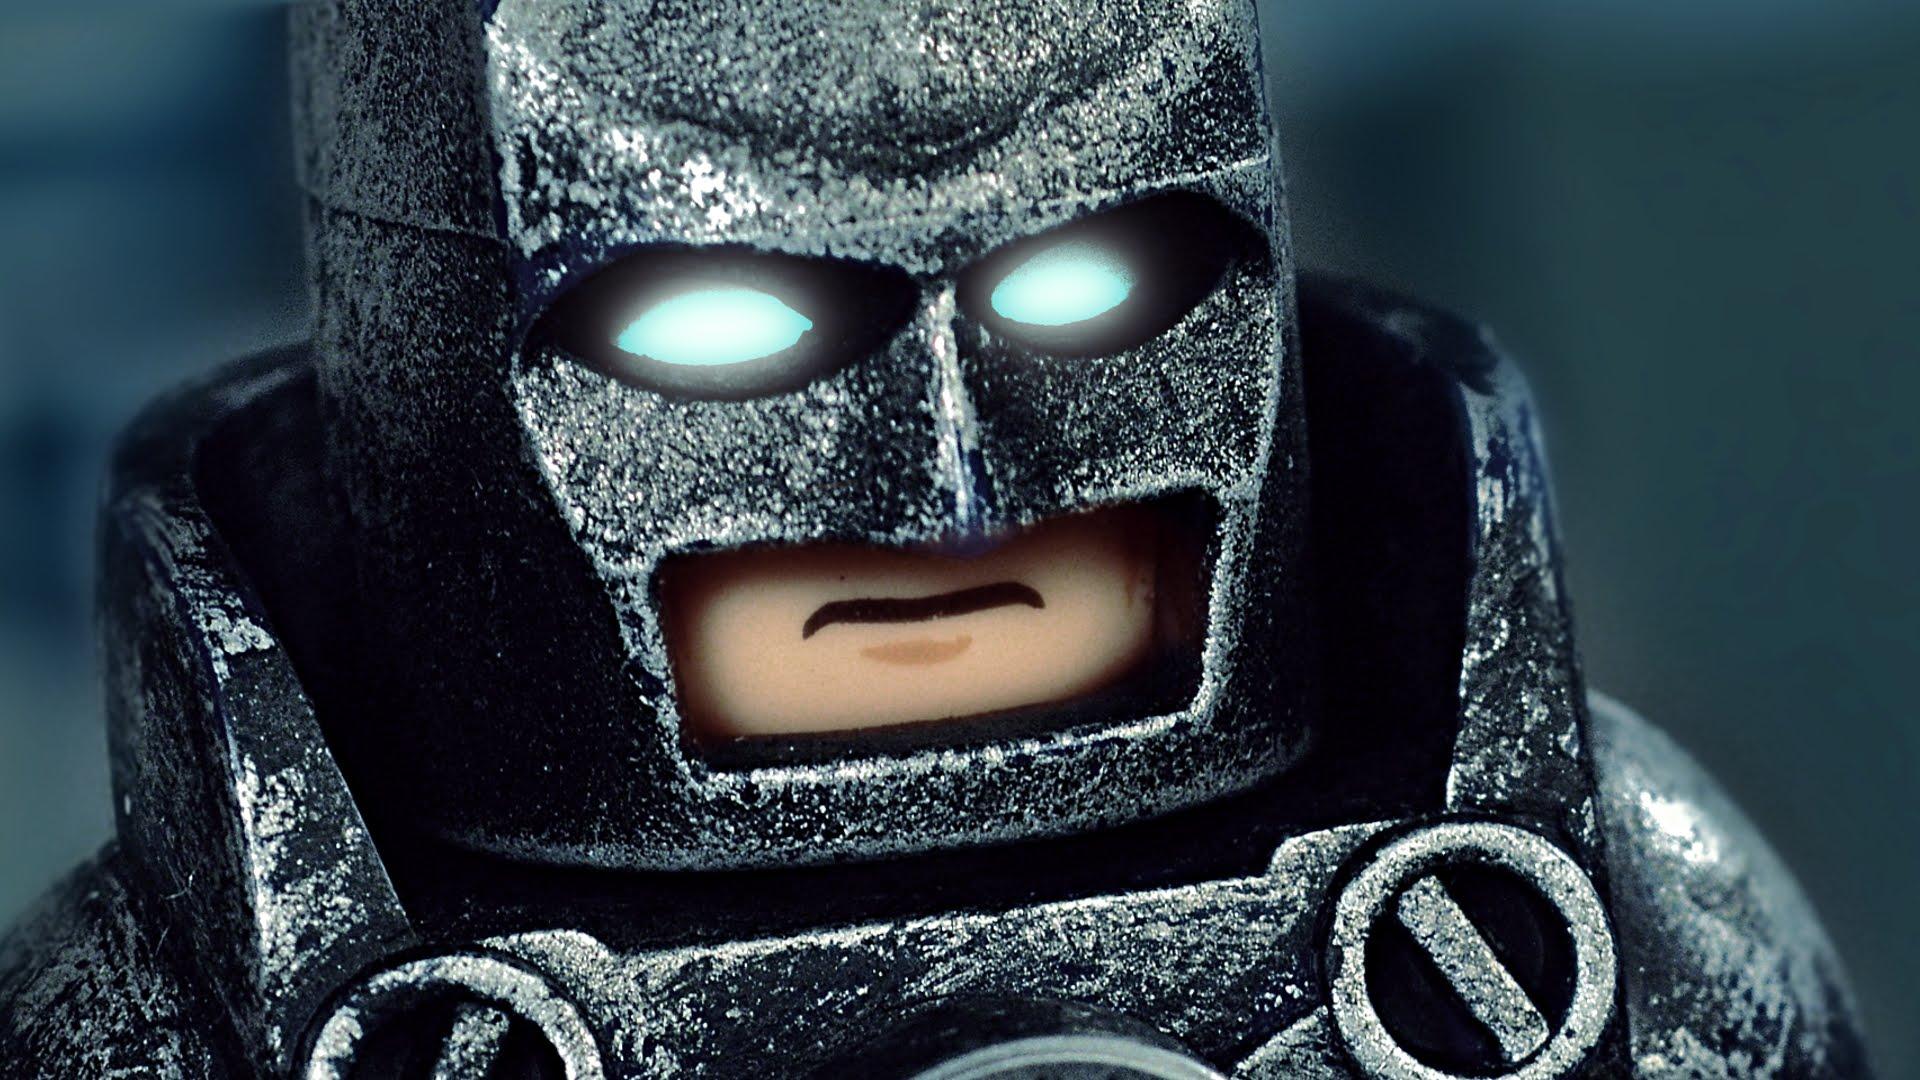 Star Wars Animated Wallpaper Daily Short Picks Batman V Superman